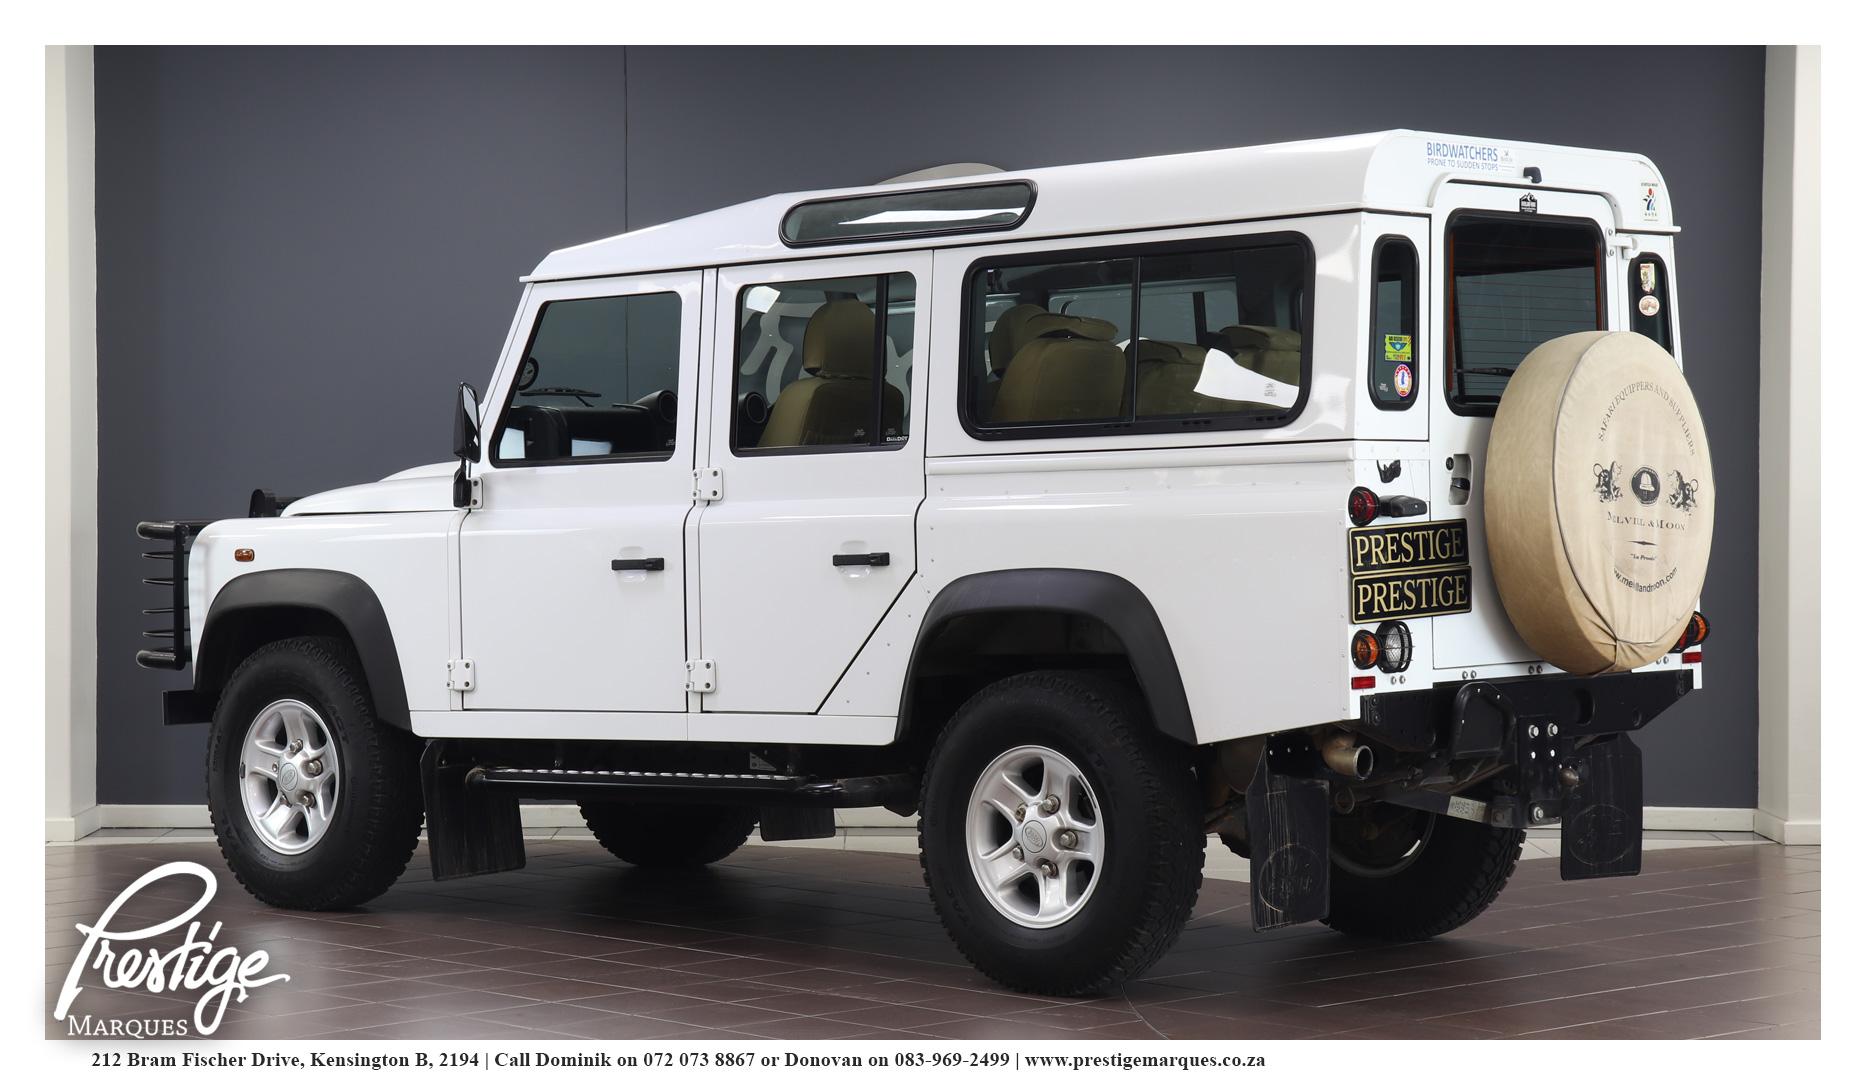 Land-Rover-Defender-110-2.5D-Prestige-Marques-5